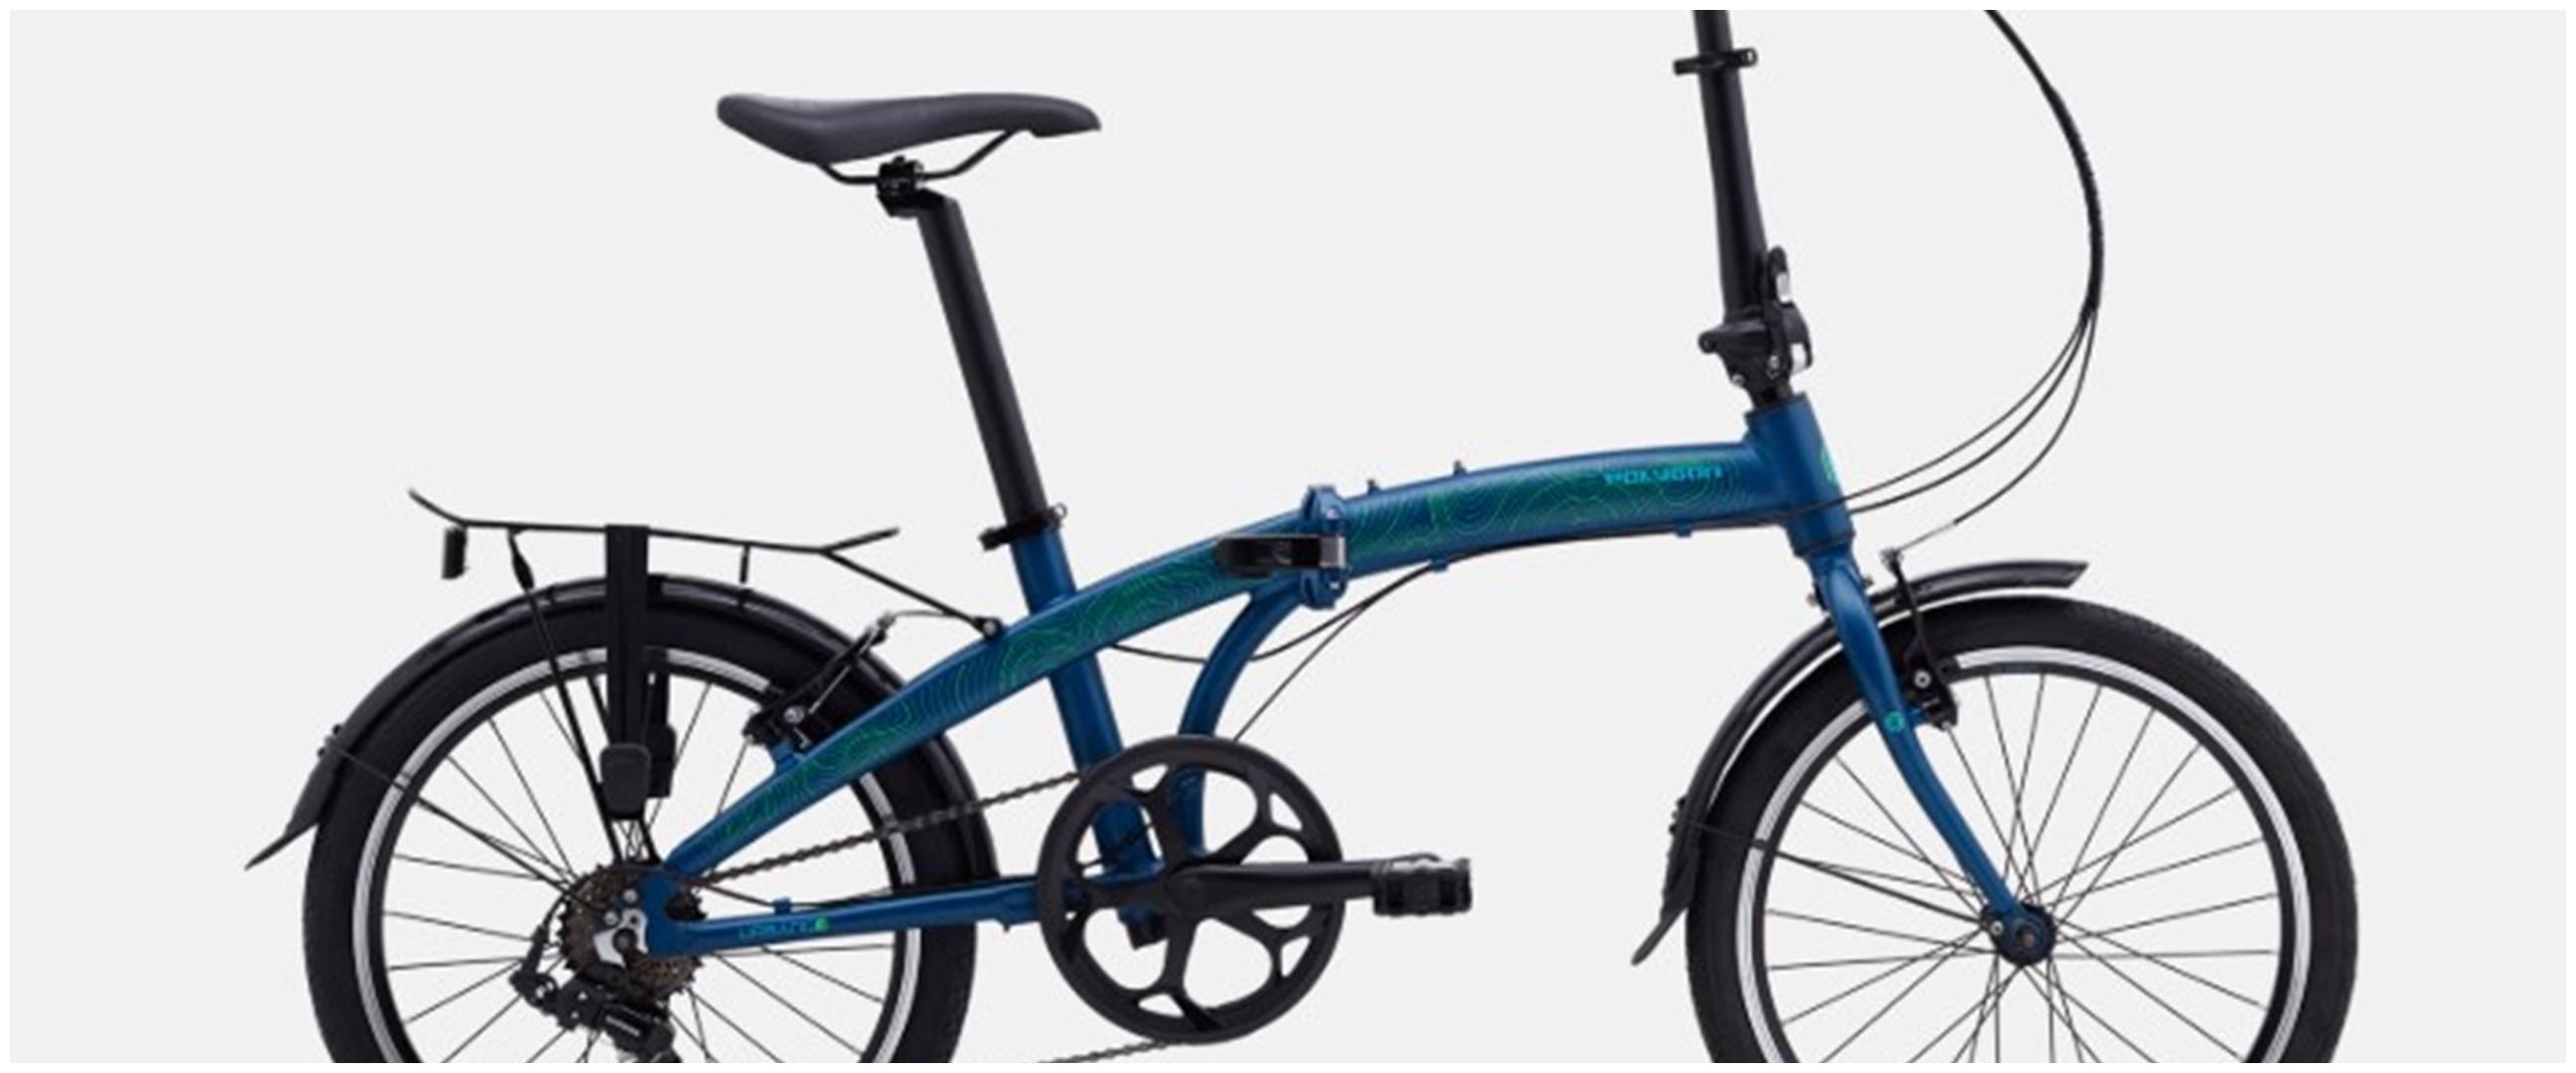 Harga sepeda lipat Polygon Urbano 3 dan spesifikasi, ringkas & trendi